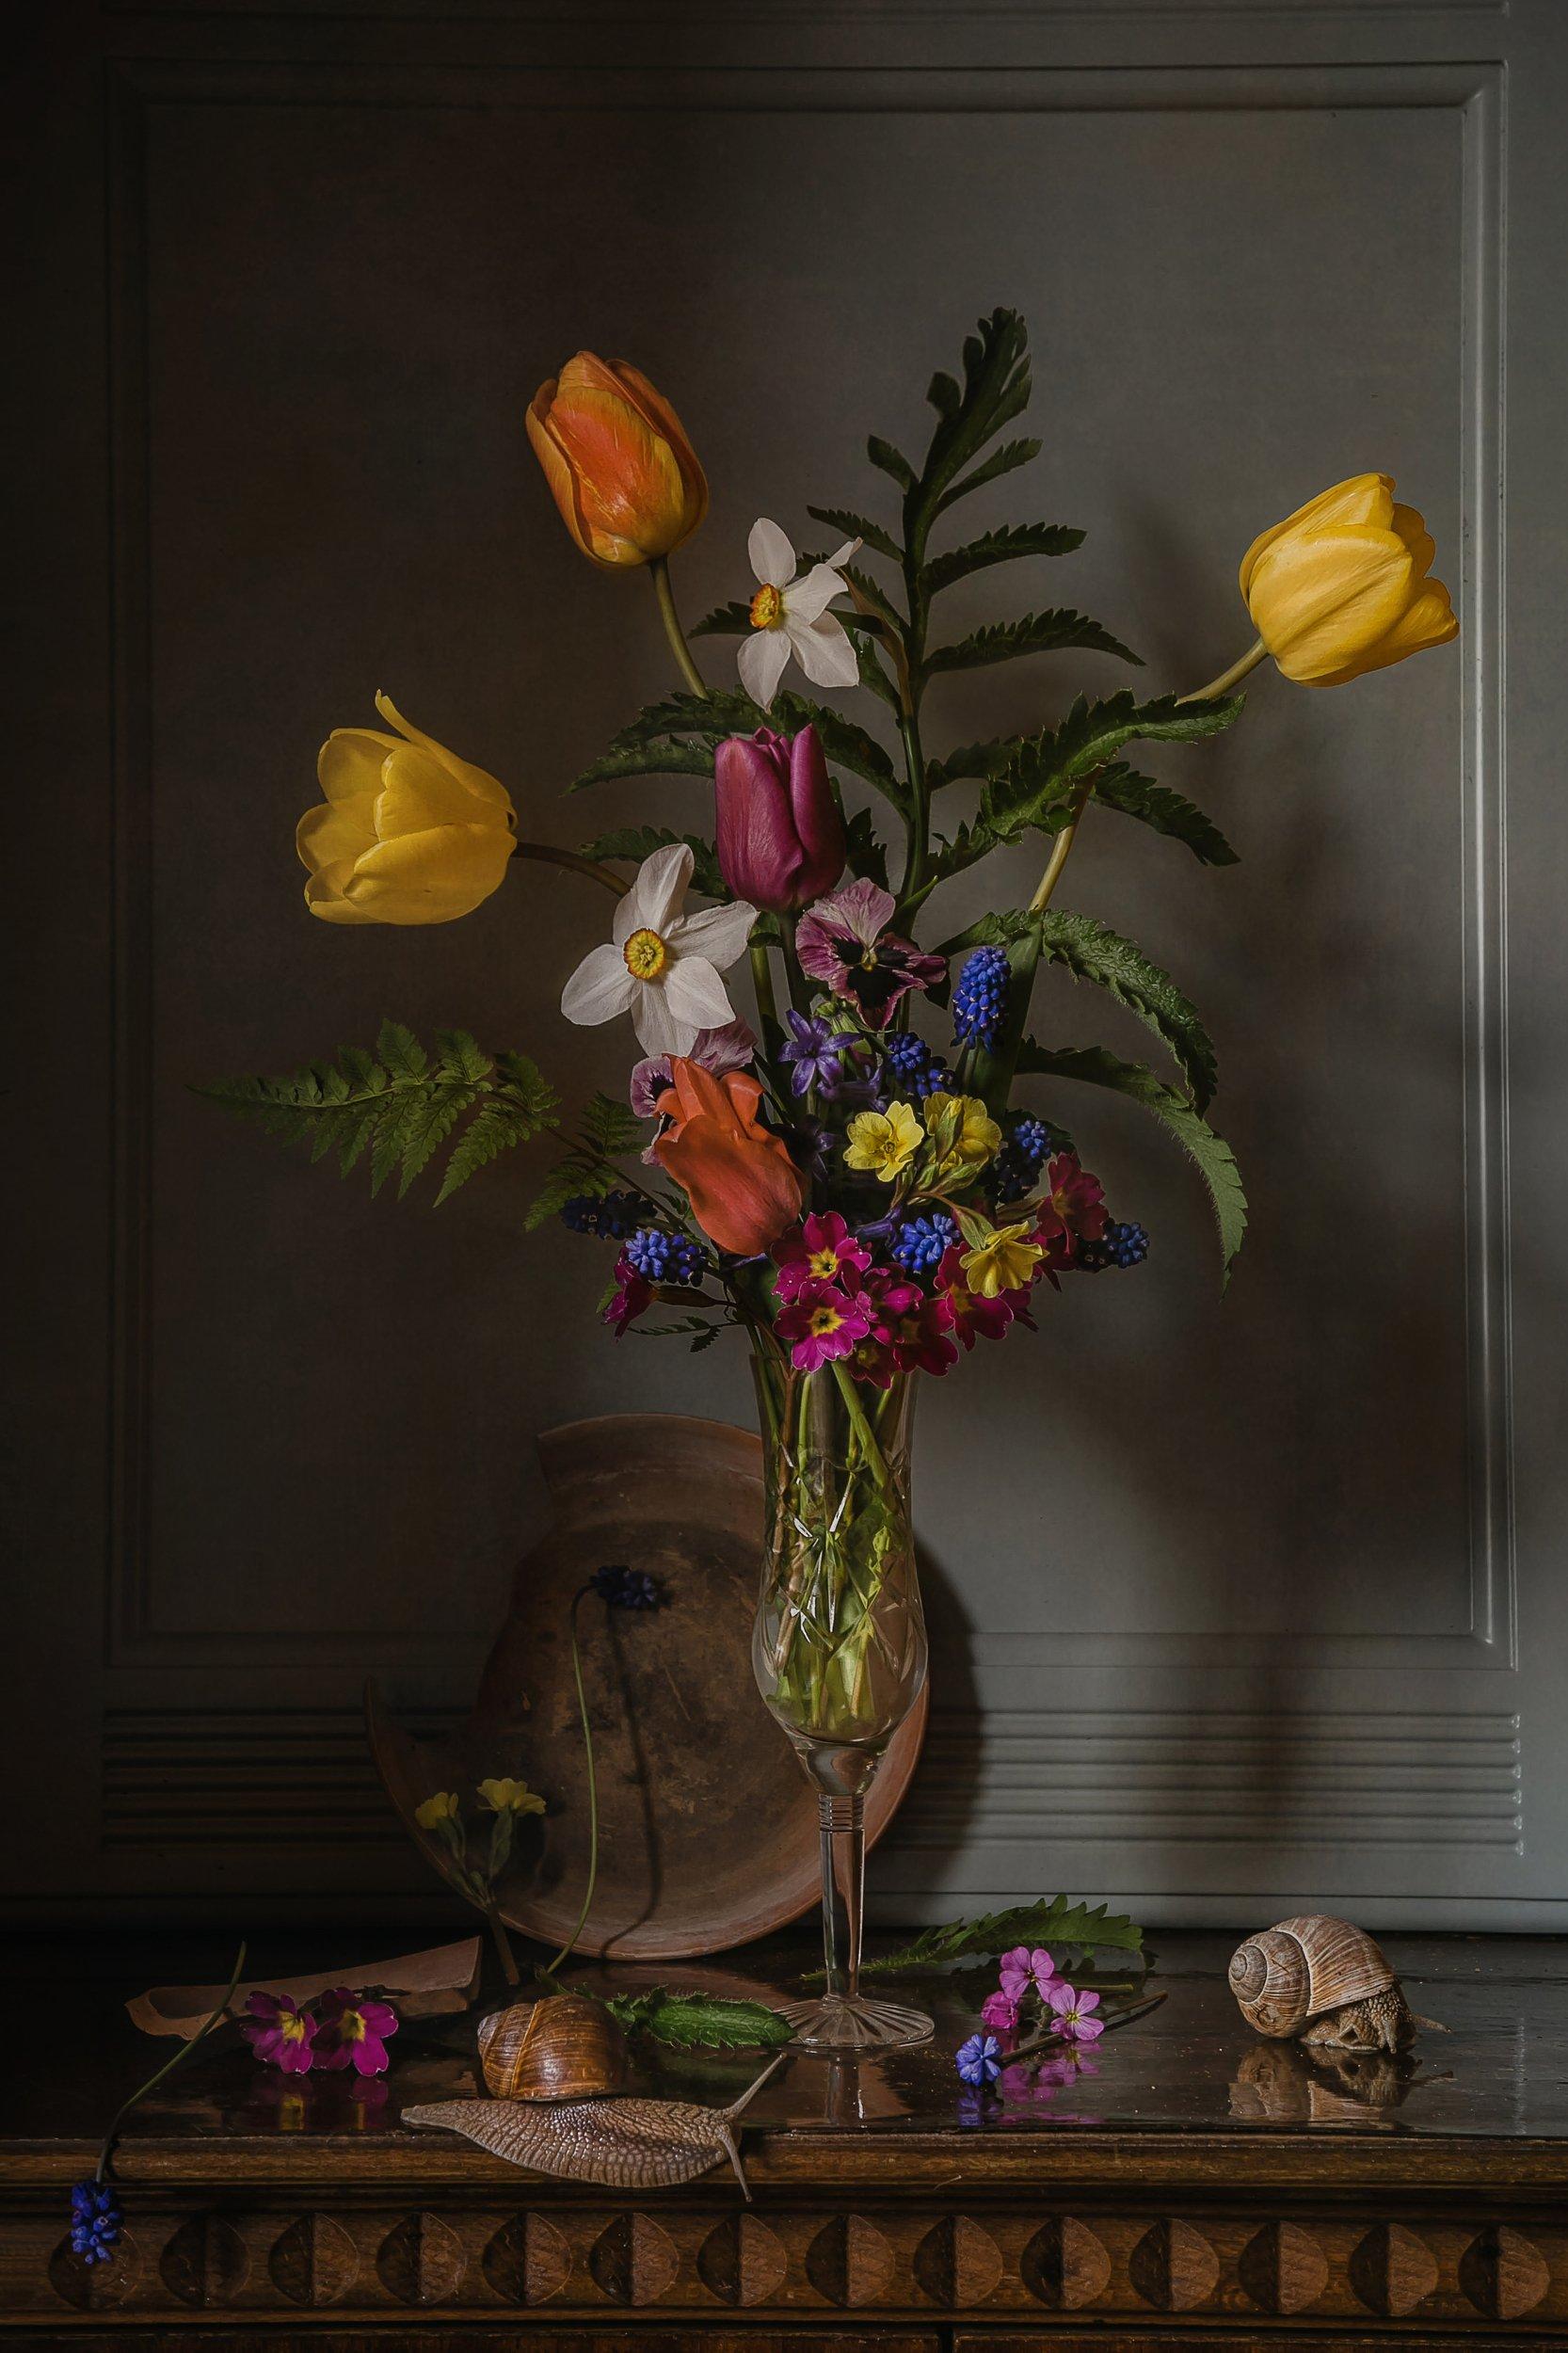 натюрморт, стекло, цветы, тюльпаны, нарциссы, мускари, улитки, Анна Петина